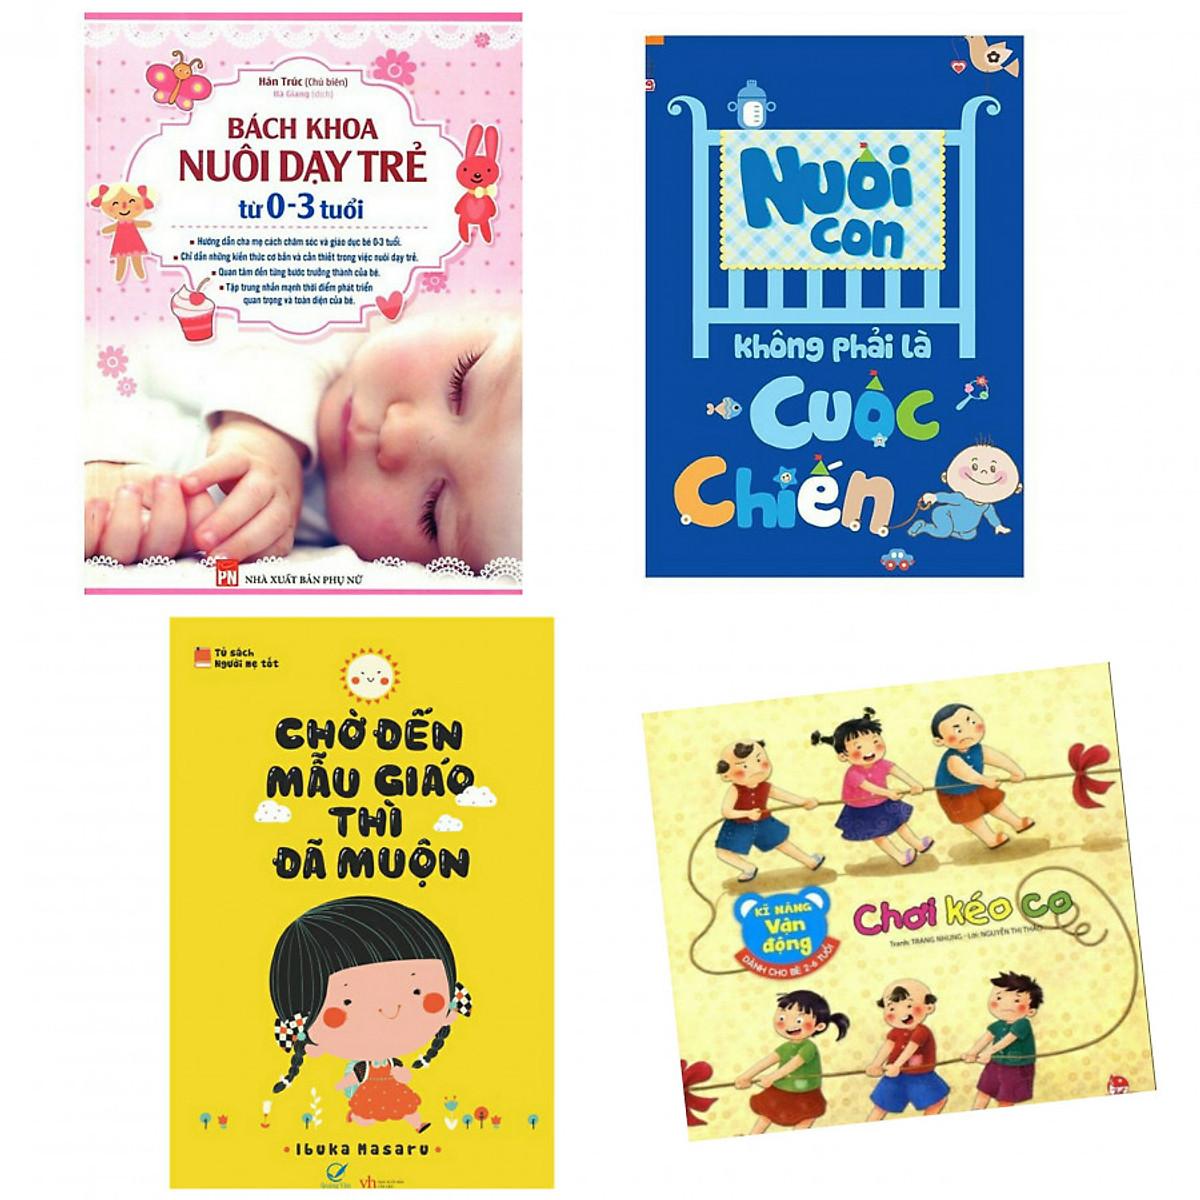 Hình đại diện sản phẩm Combo bách khoa nuôi dạy trẻ 0-3 tuổi+nuôi con không phải cuộc chiến+chờ đến mẫu giáo thì đã muộn+kỹ năng vận động chơi kéo co(tặng kèm sách người Mỹ giúp con ham đọc sách)